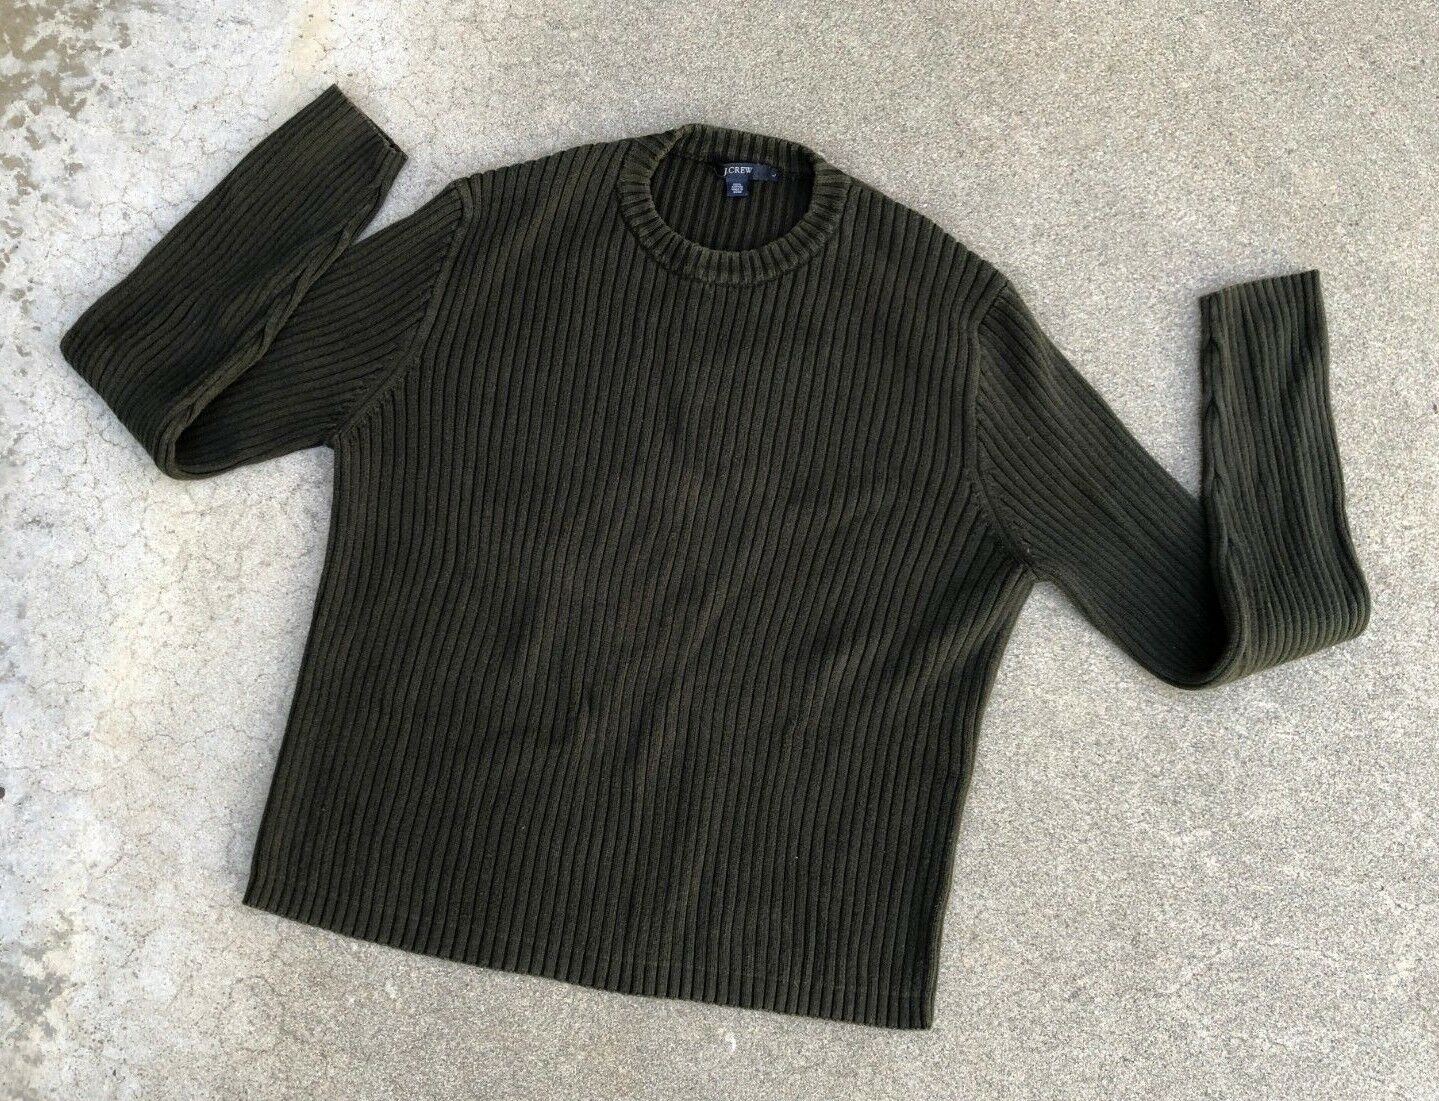 J.Crew Herren Vintage Cargo Grün Winter Gerippt Pullover Größe L